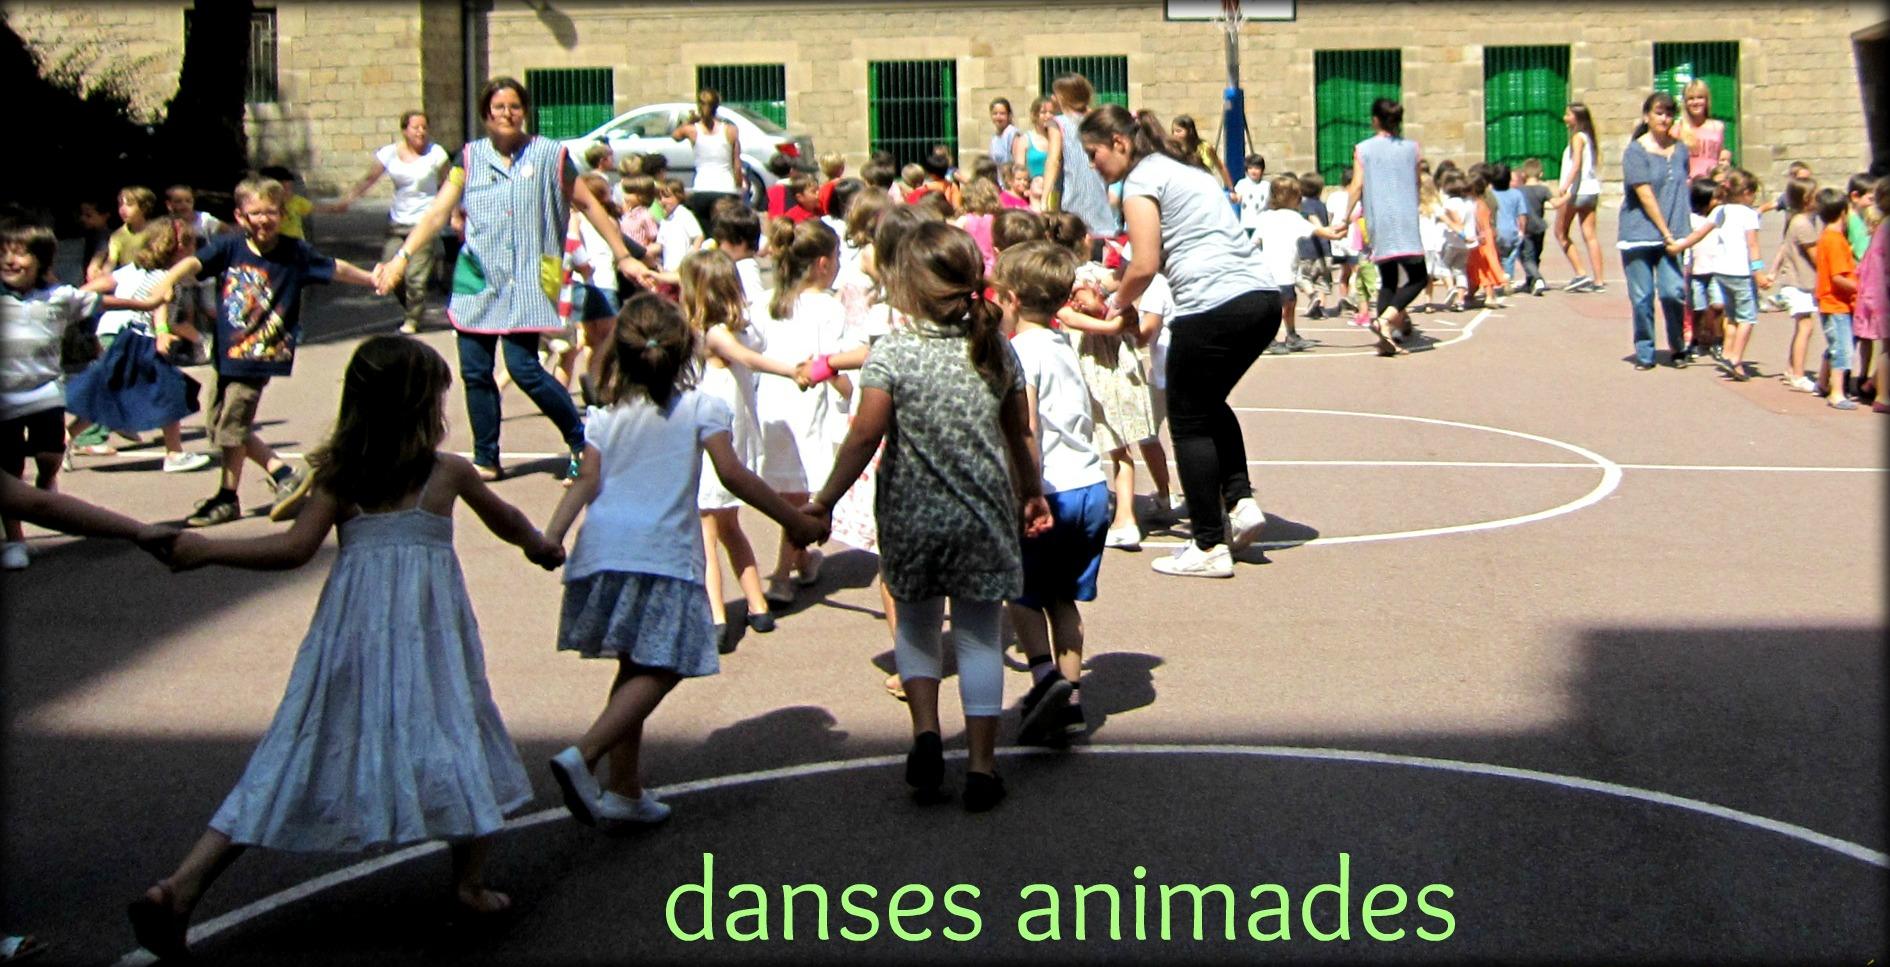 DANSES INFANTILS DEL MÓN